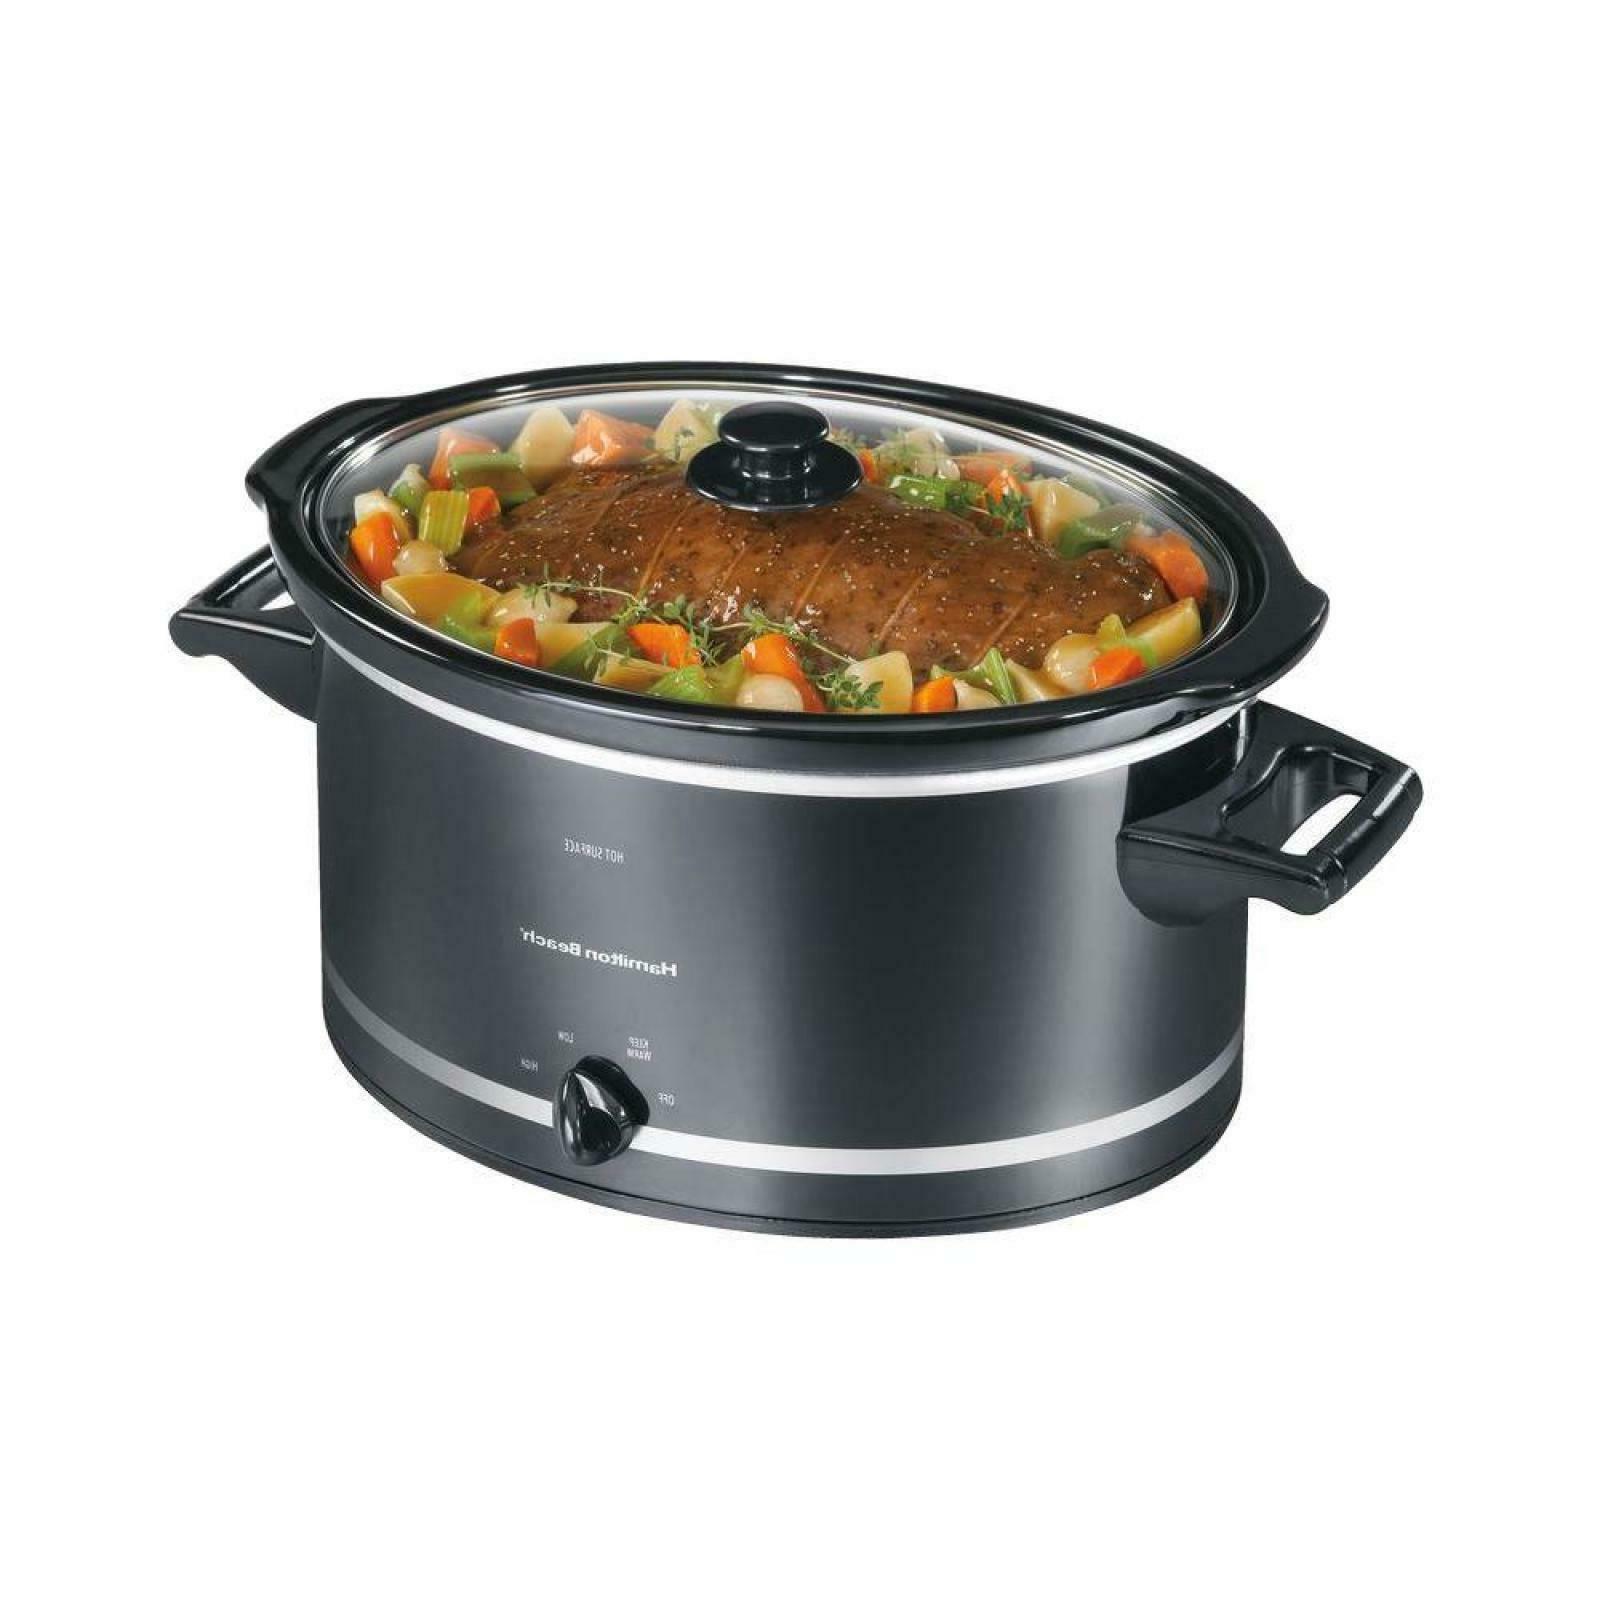 Hamilton Beach 8 Quart Qt Roast Slow Cooker Crock Pot Crockp